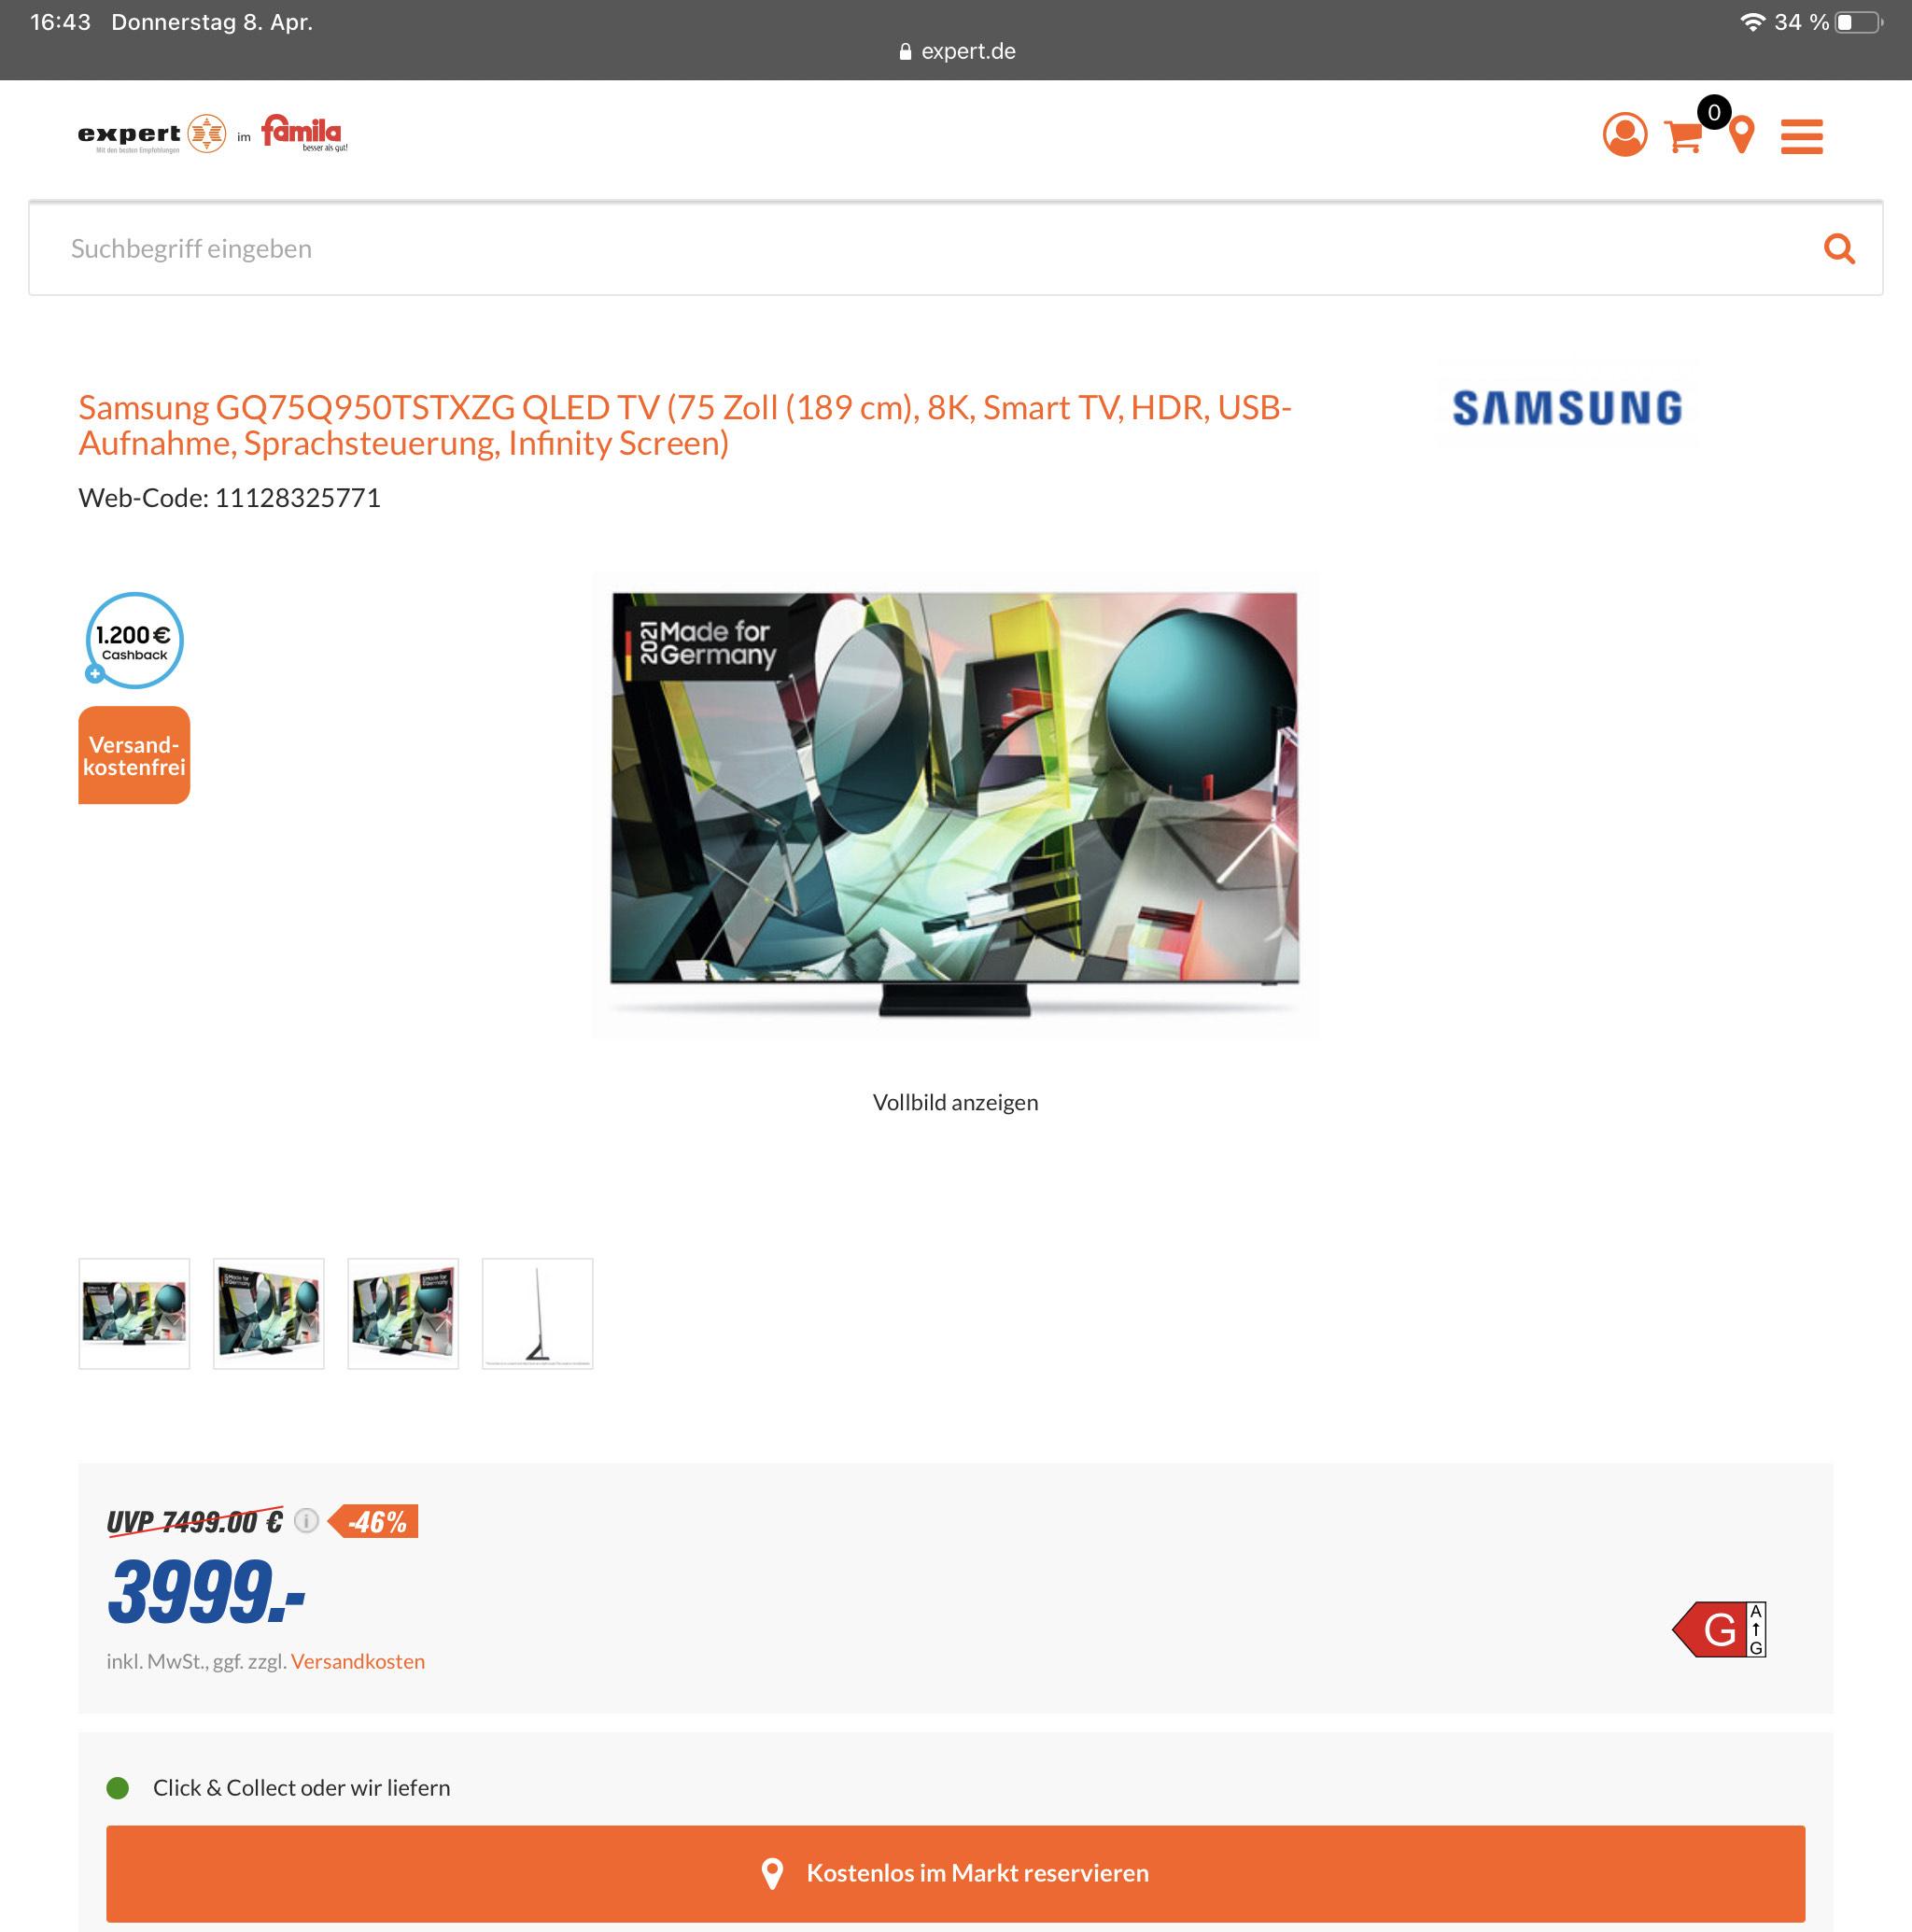 Lokal - Bielefeld - Samsung GQ75Q950TSTXZG - eff. 2799 €